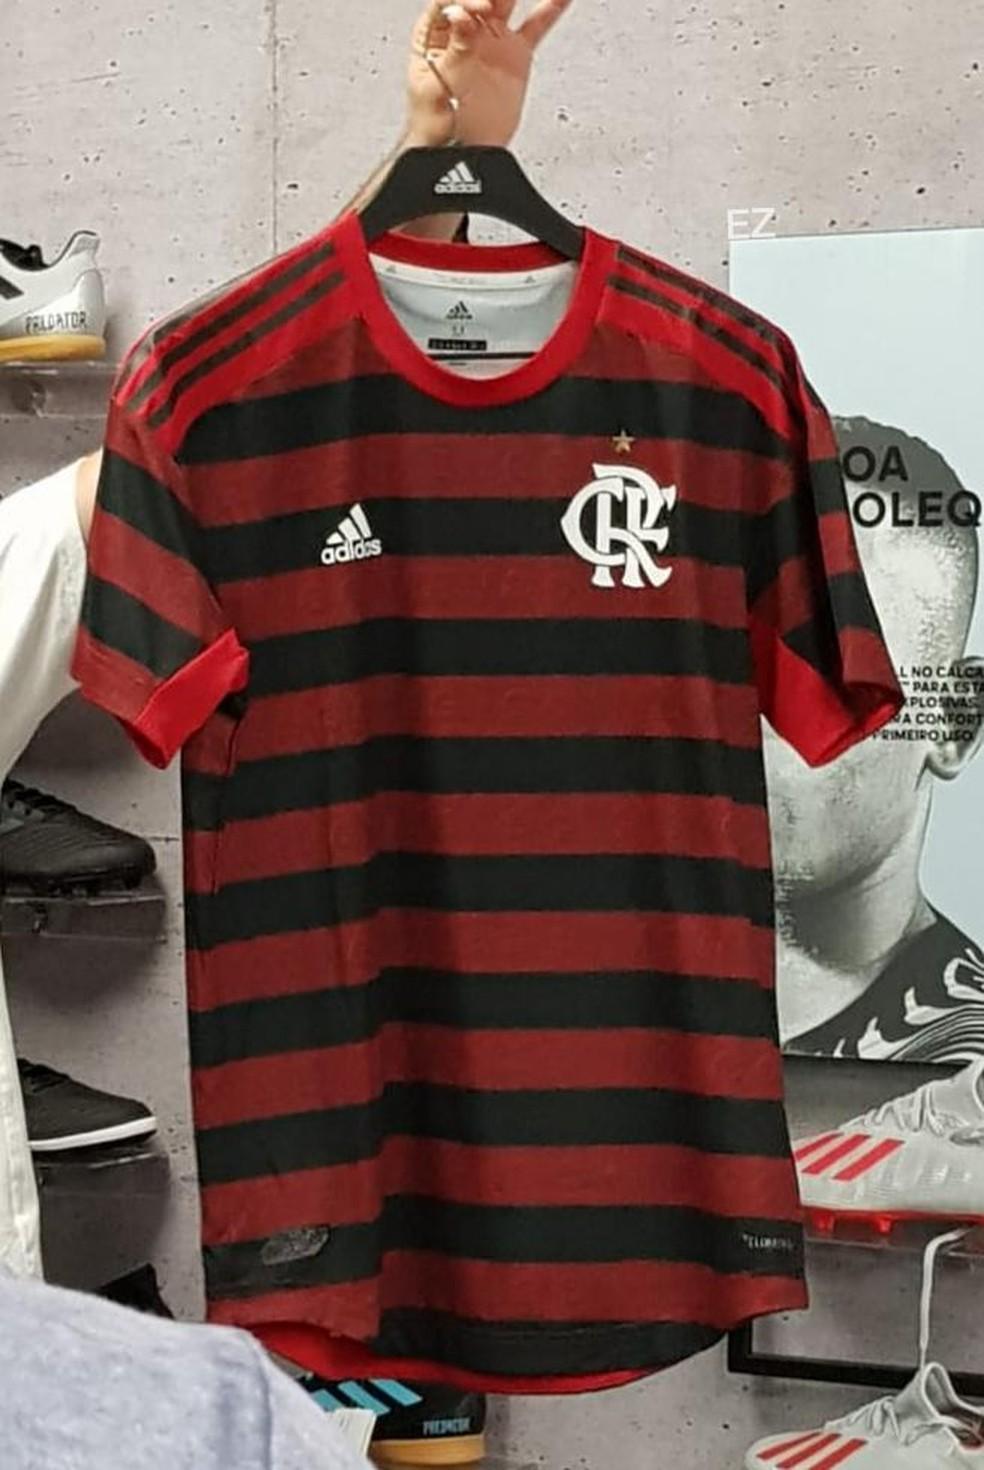 Novo uniforme do Flamengo — Foto: Reprodução